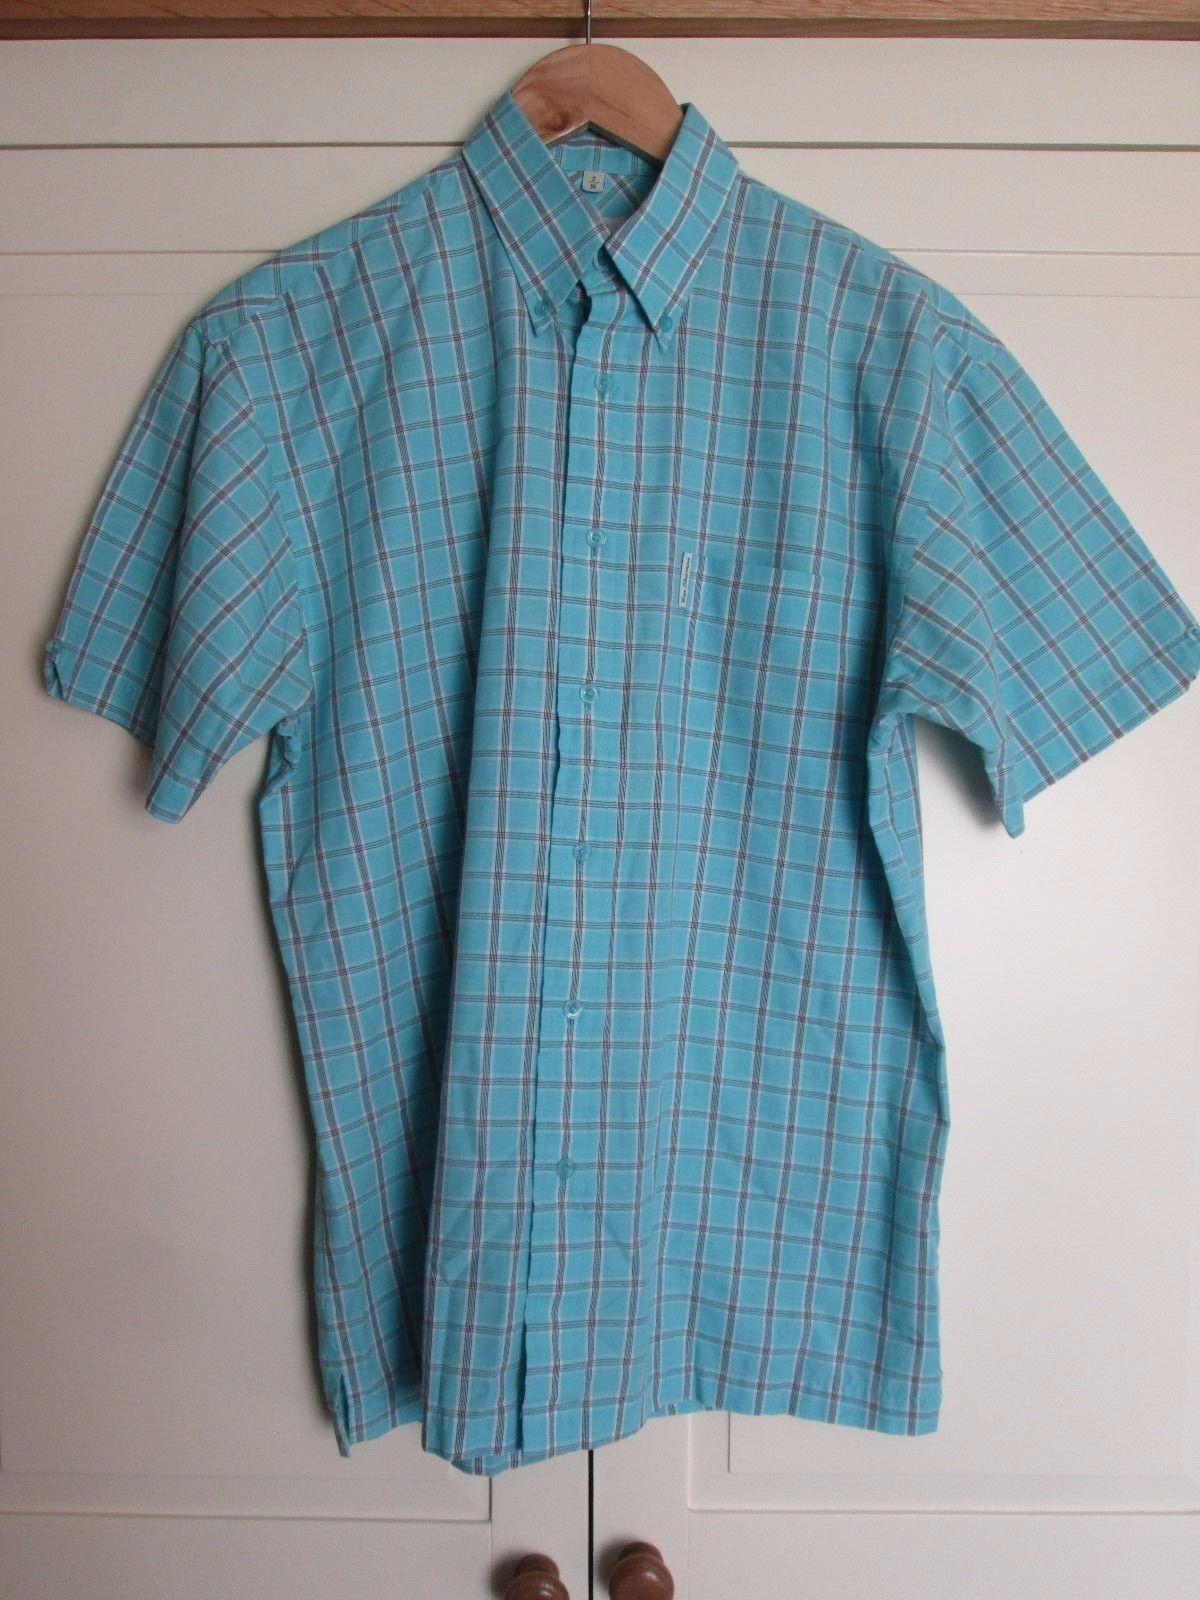 Homme Ben Sherman Carreaux Bleu Coton Manches Courtes Été Chemise Été Courtes Taille M 9f0ee4